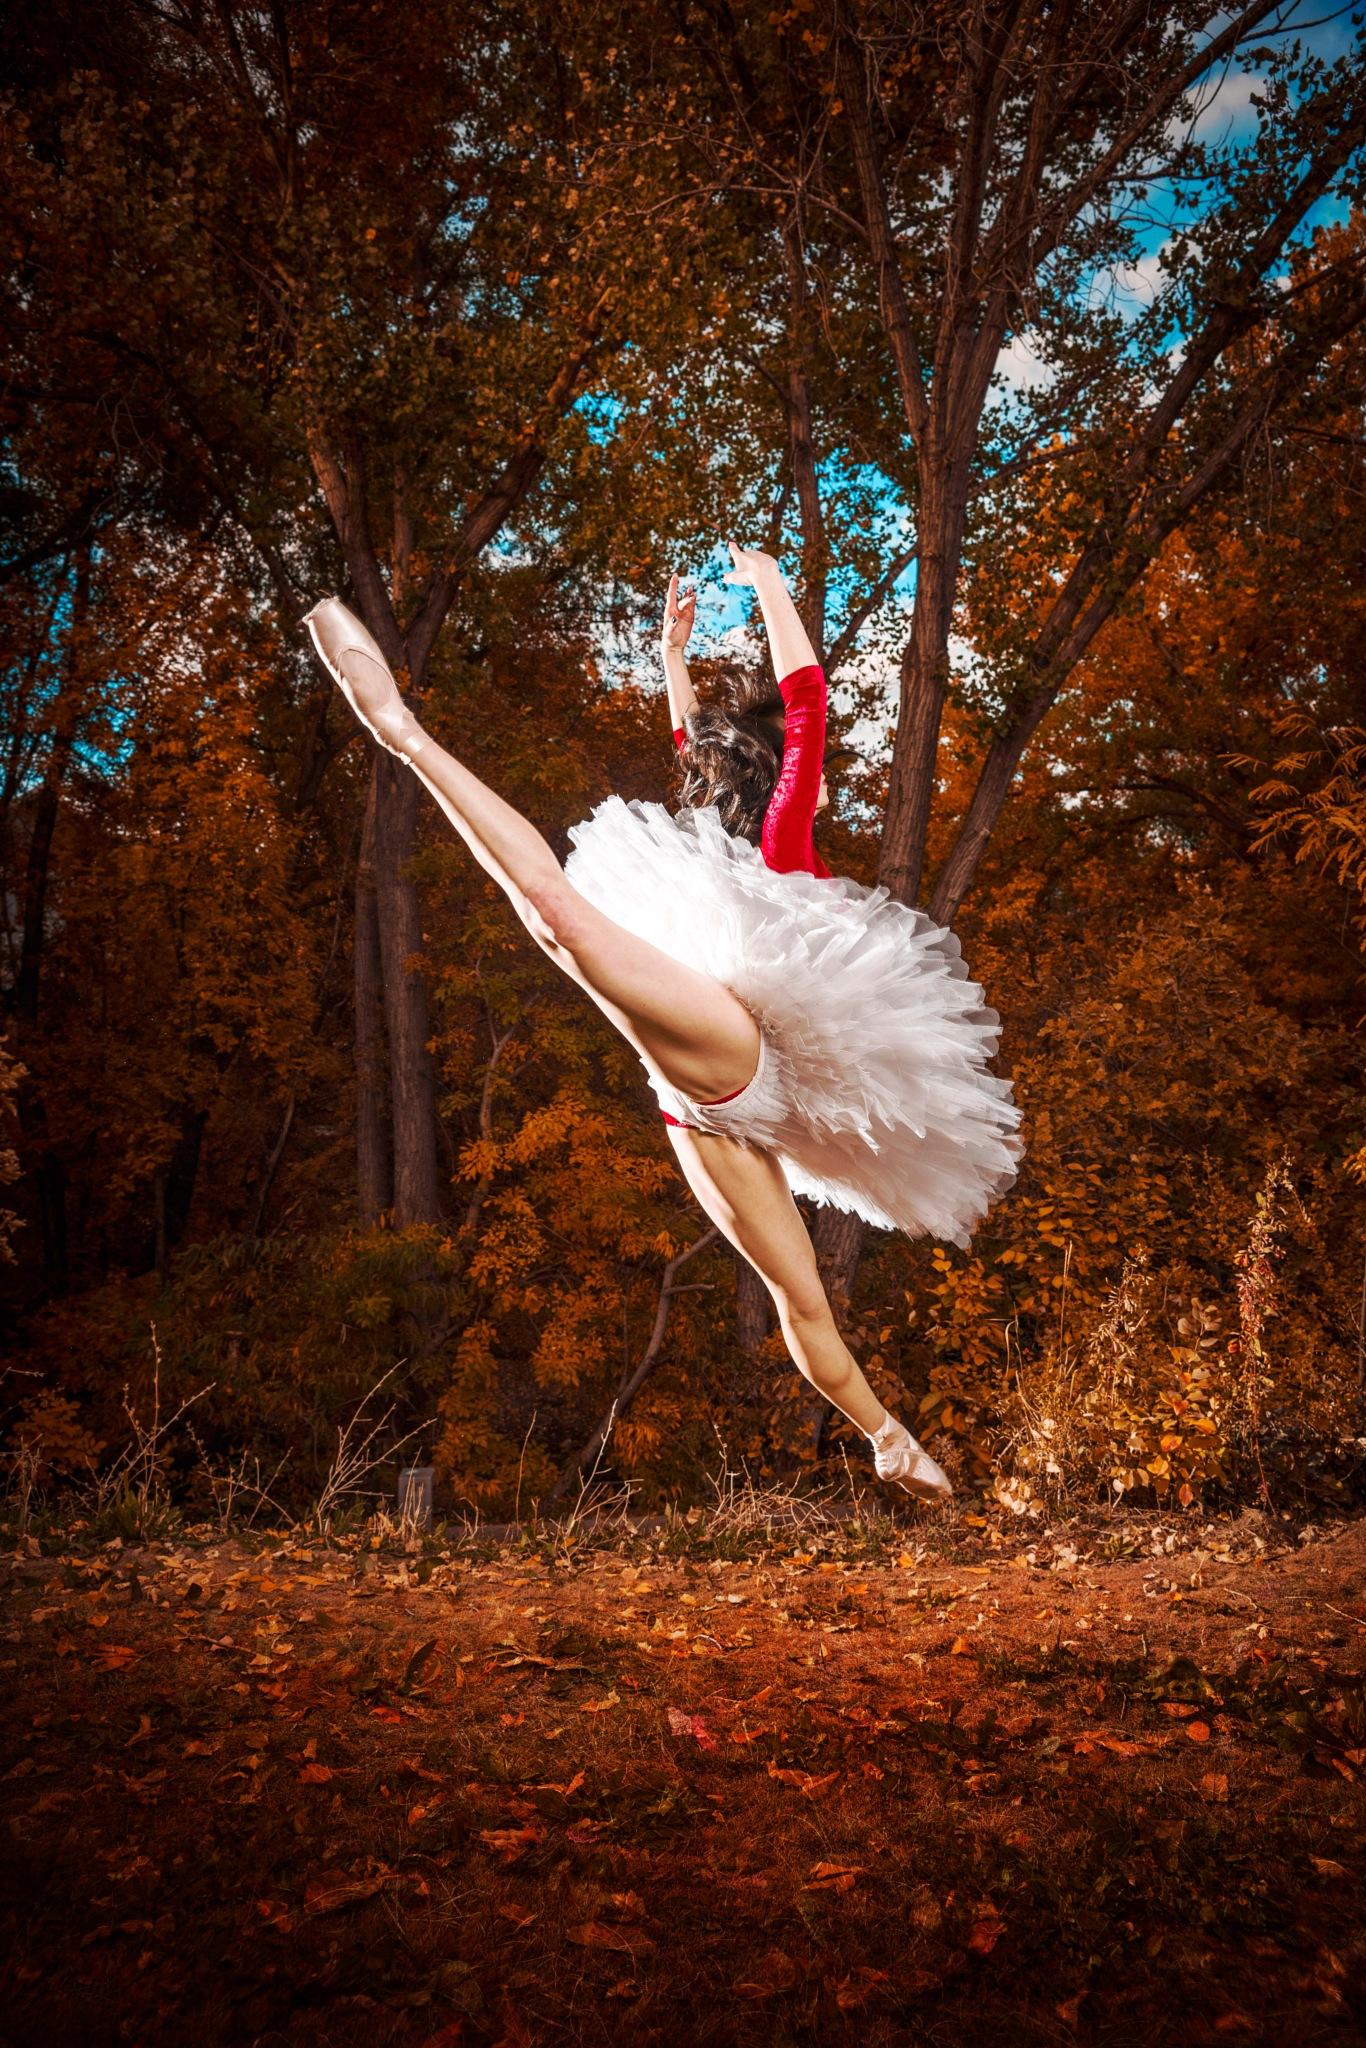 Flying Ballet Dancer in the Forrest by Adam Evans